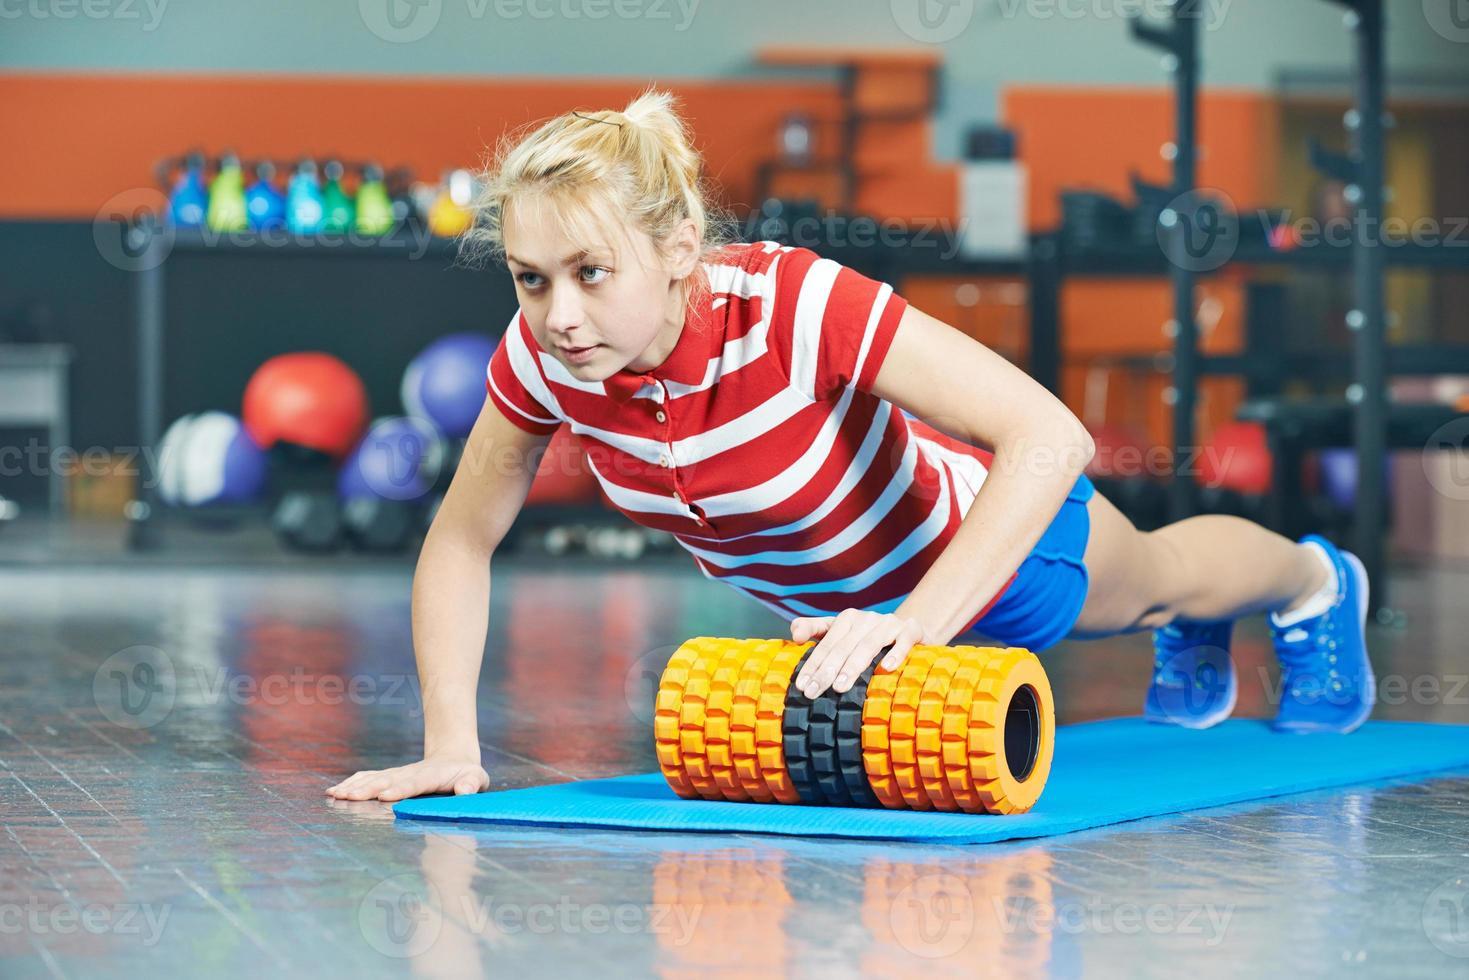 femme, pousser, haut, fitness, gymnase photo